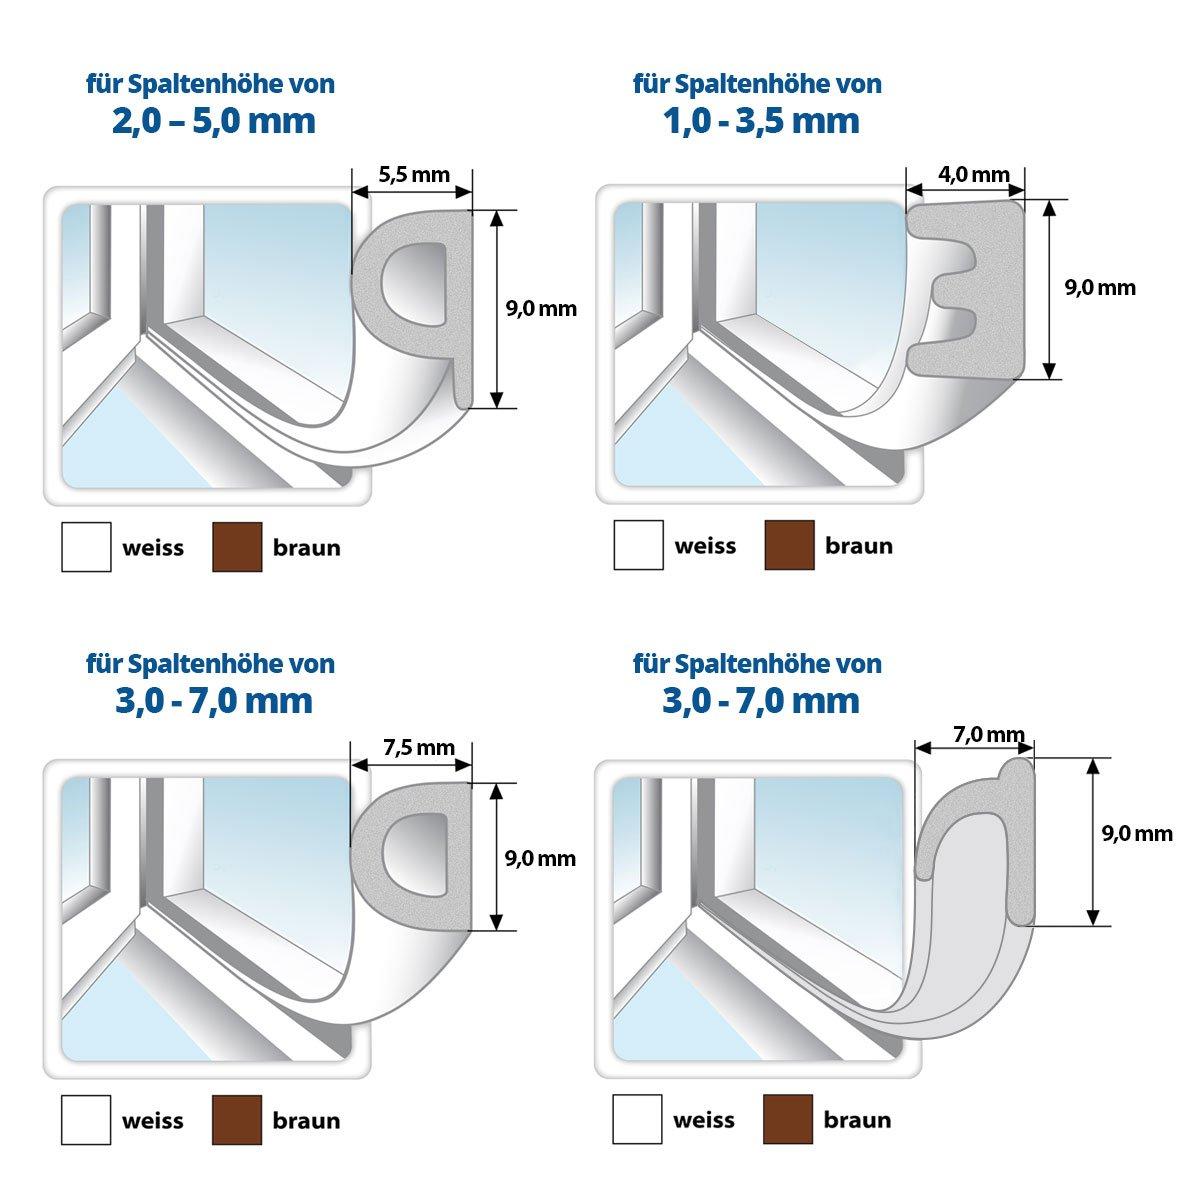 Fensterdichtung T/ürdichtung selbstklebend Gummi PROFIL Dichtung Dichtungsband Profildichtung Fenster T/ür 30m Gummidichtung WEISS E-Profil